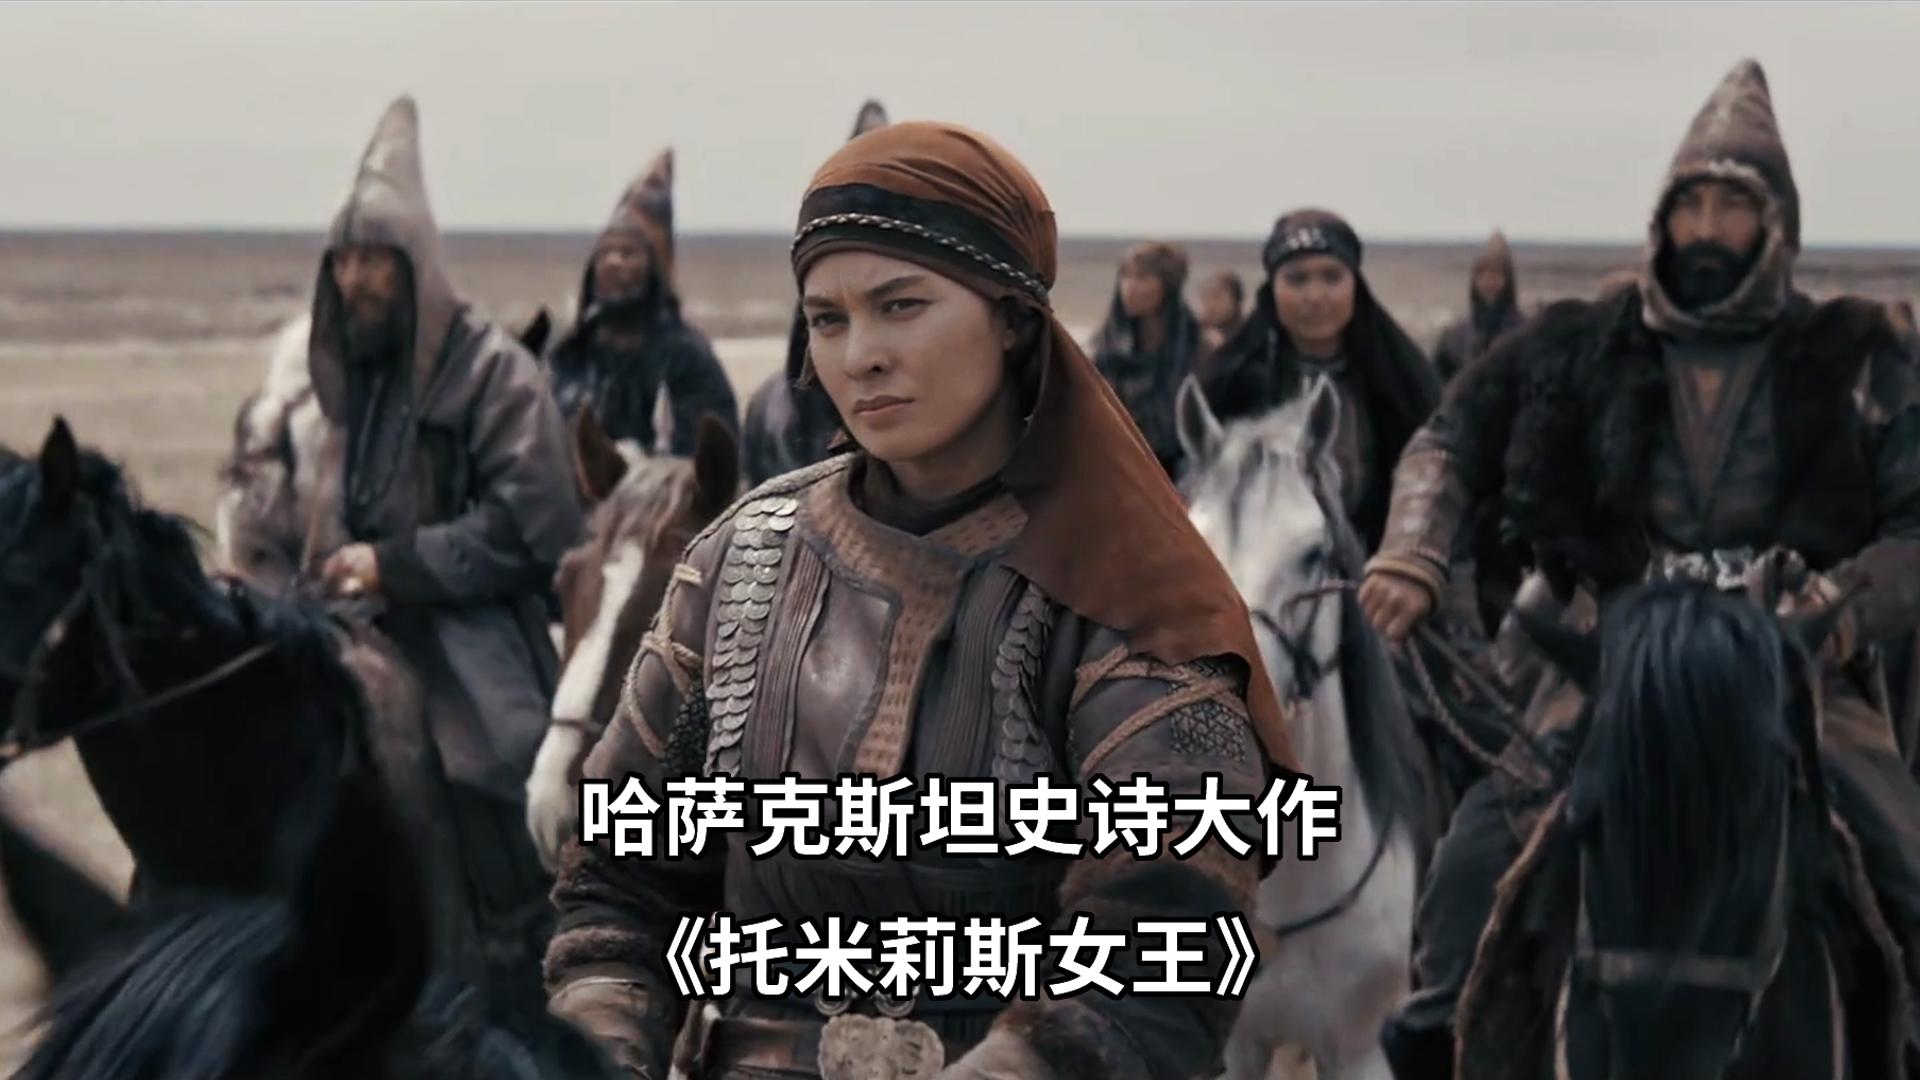 她团结部族抗击波斯,手刃居鲁士大帝,成为草原上的传奇女王《托米莉斯女王》